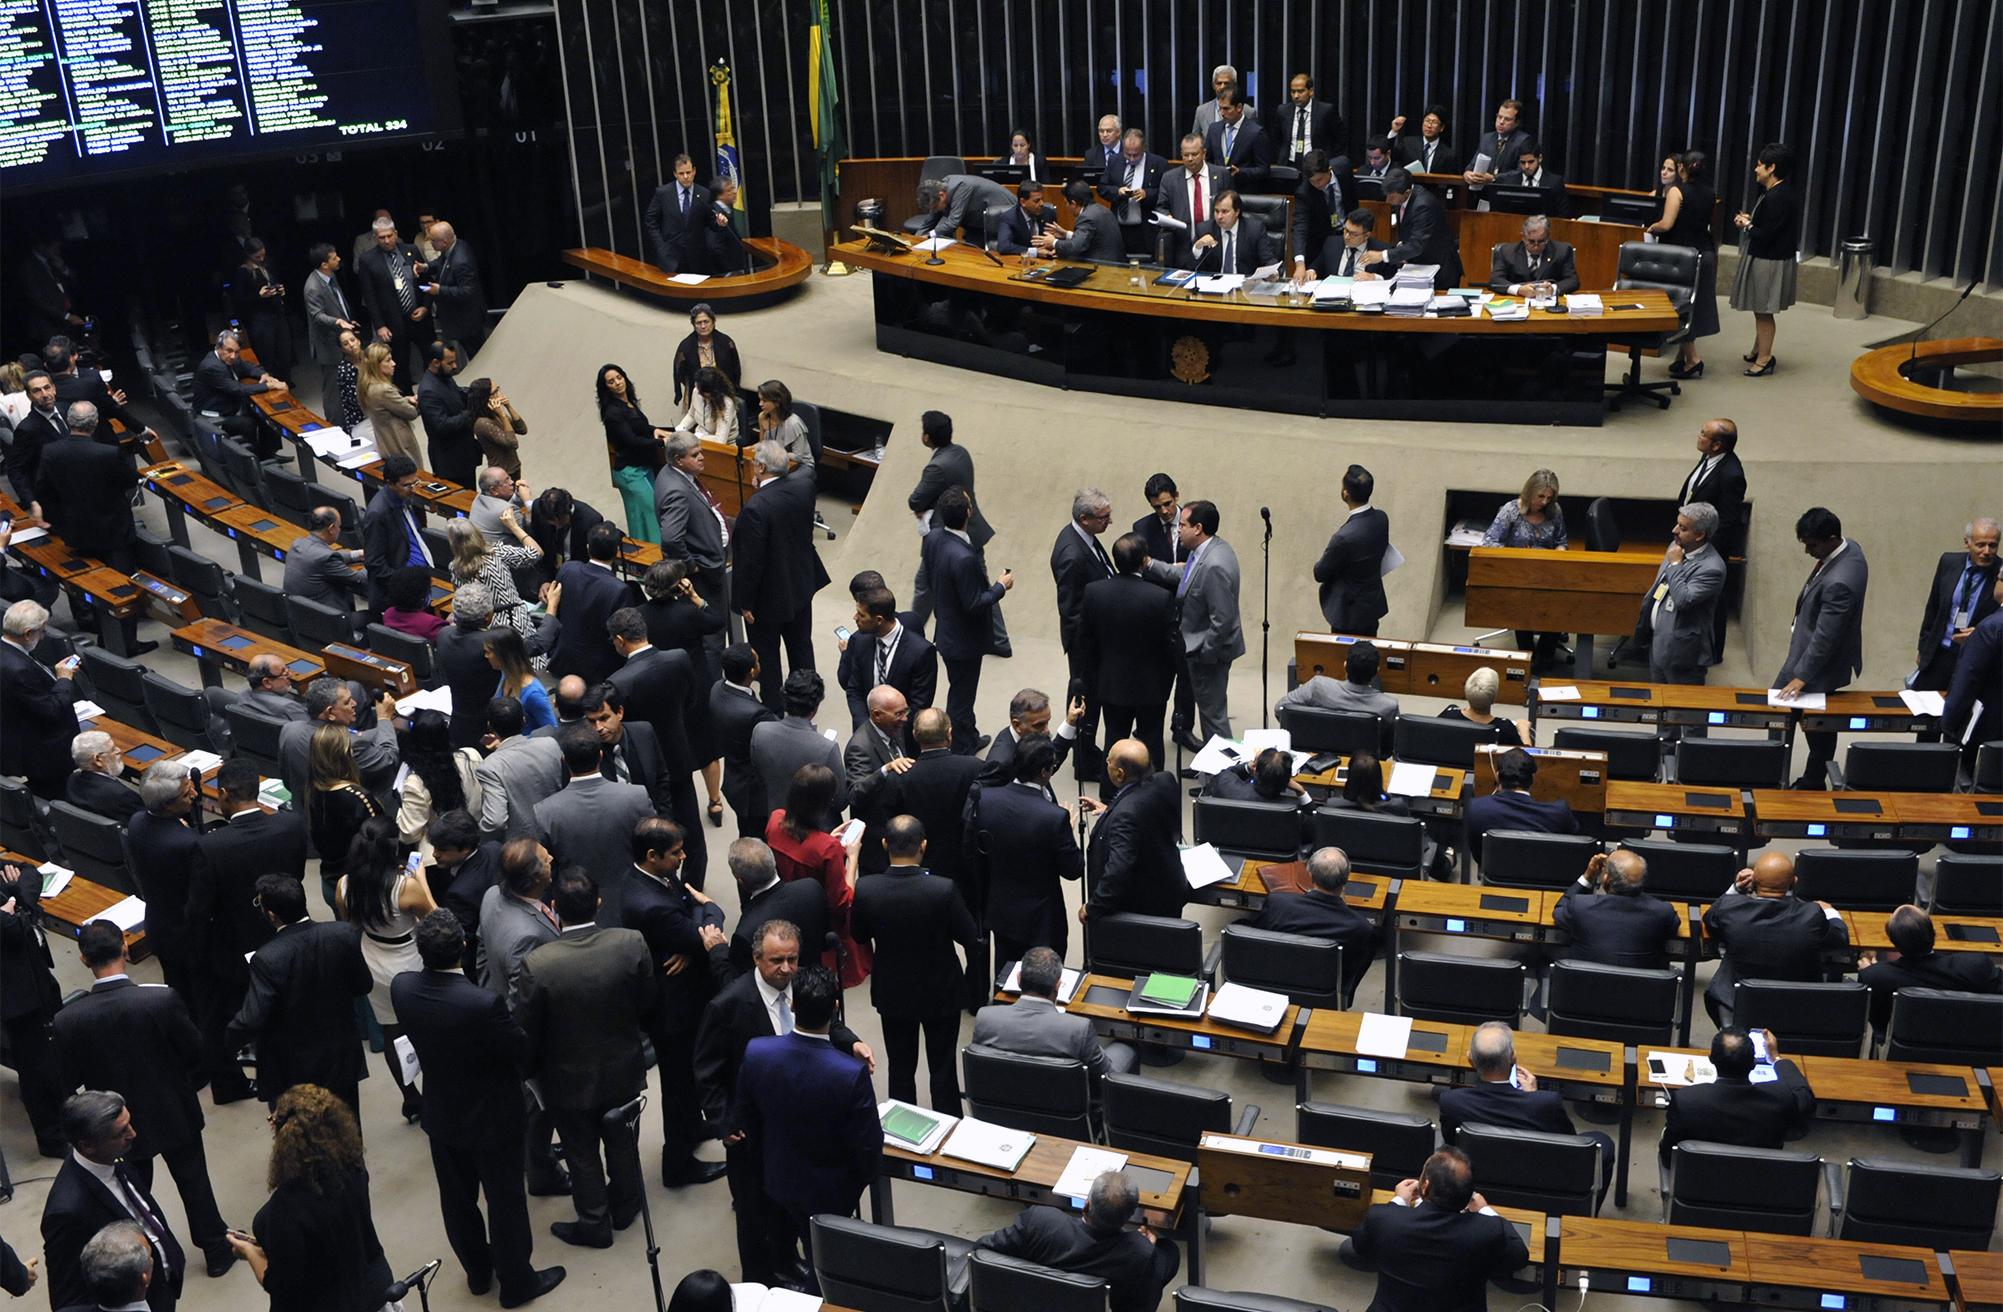 Ordem do dia para análise, discussão e votação de diversos projetos. Presidente da Câmara, dep. Rodrigo Maia (DEM-RJ)